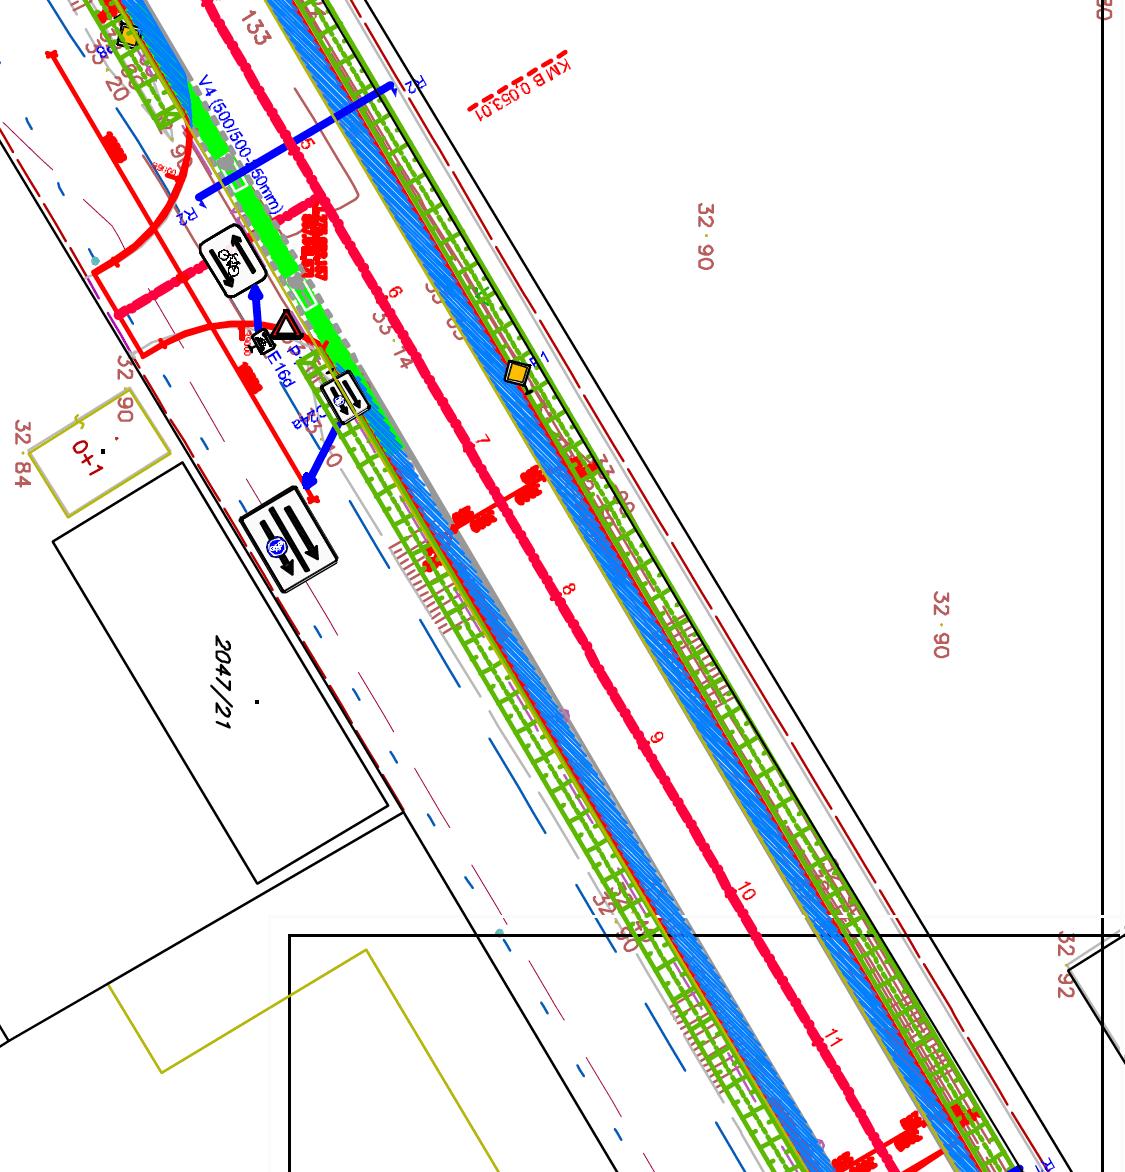 Cyklotraa S840 bude probne ako smerom na Rendez riešená formou cyklopruhu rozšírením cesty